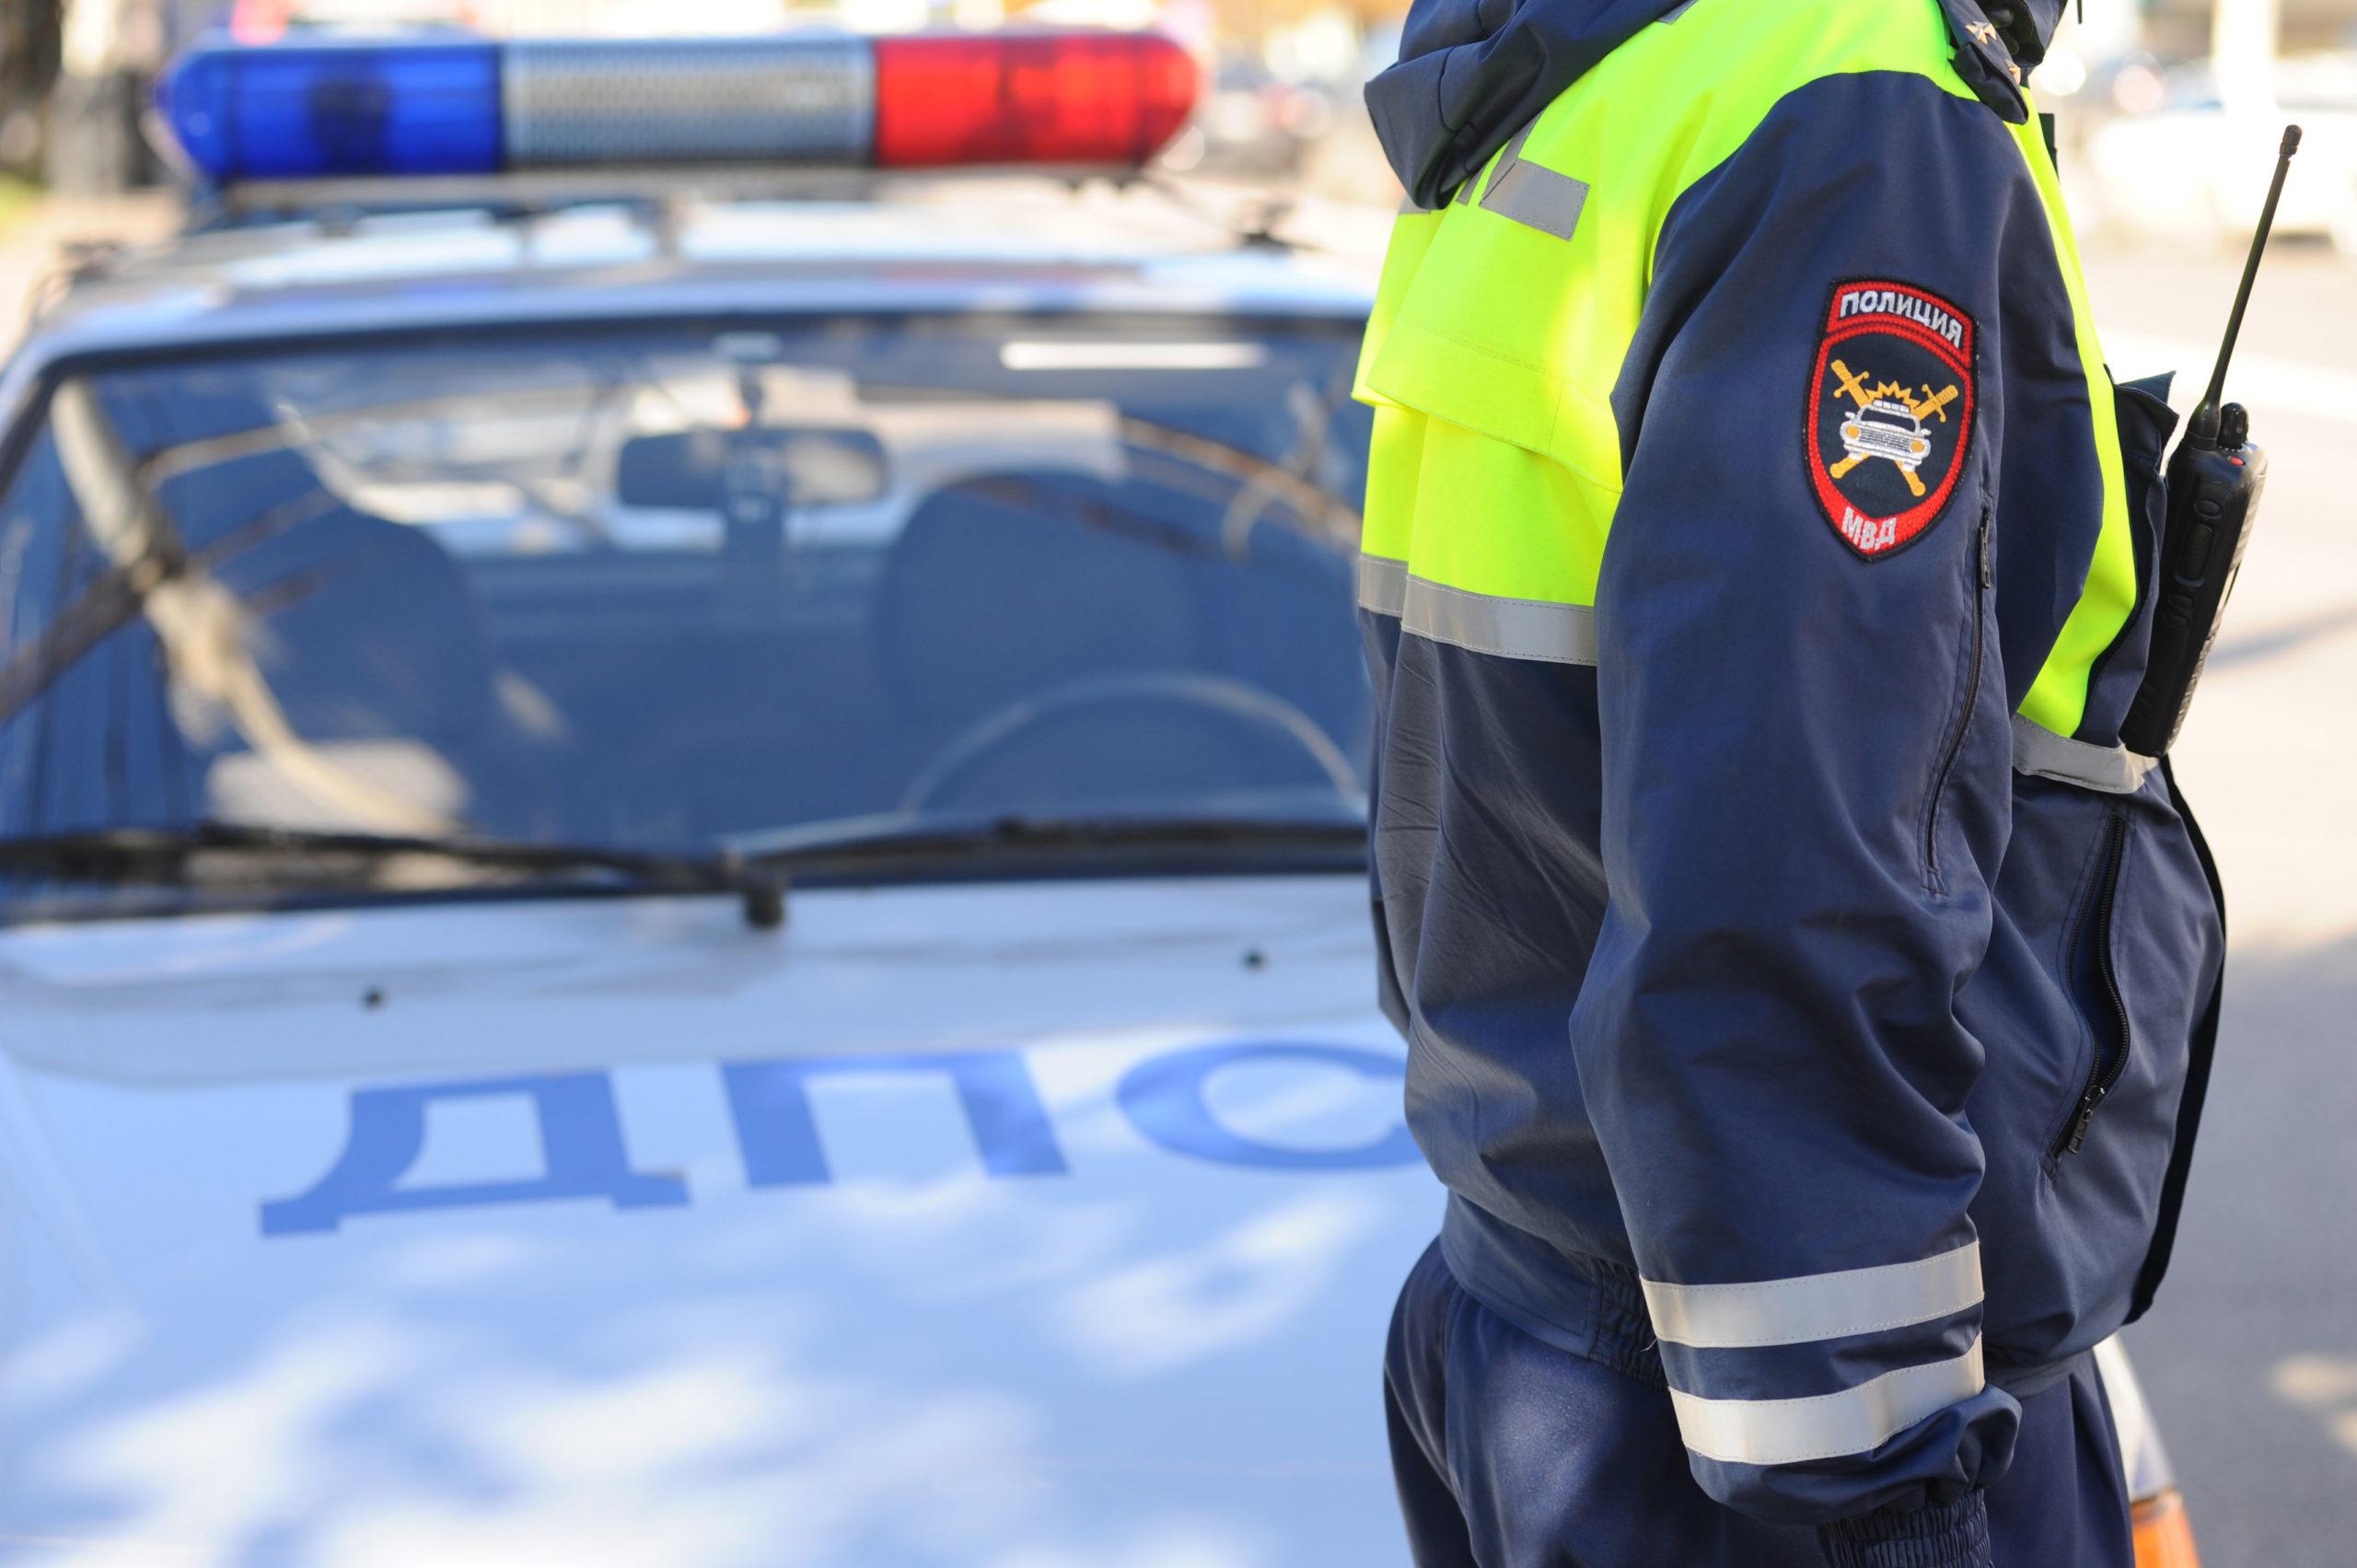 В городе Тверской области на пешеходном переходе сбили 51-летнюю женщину